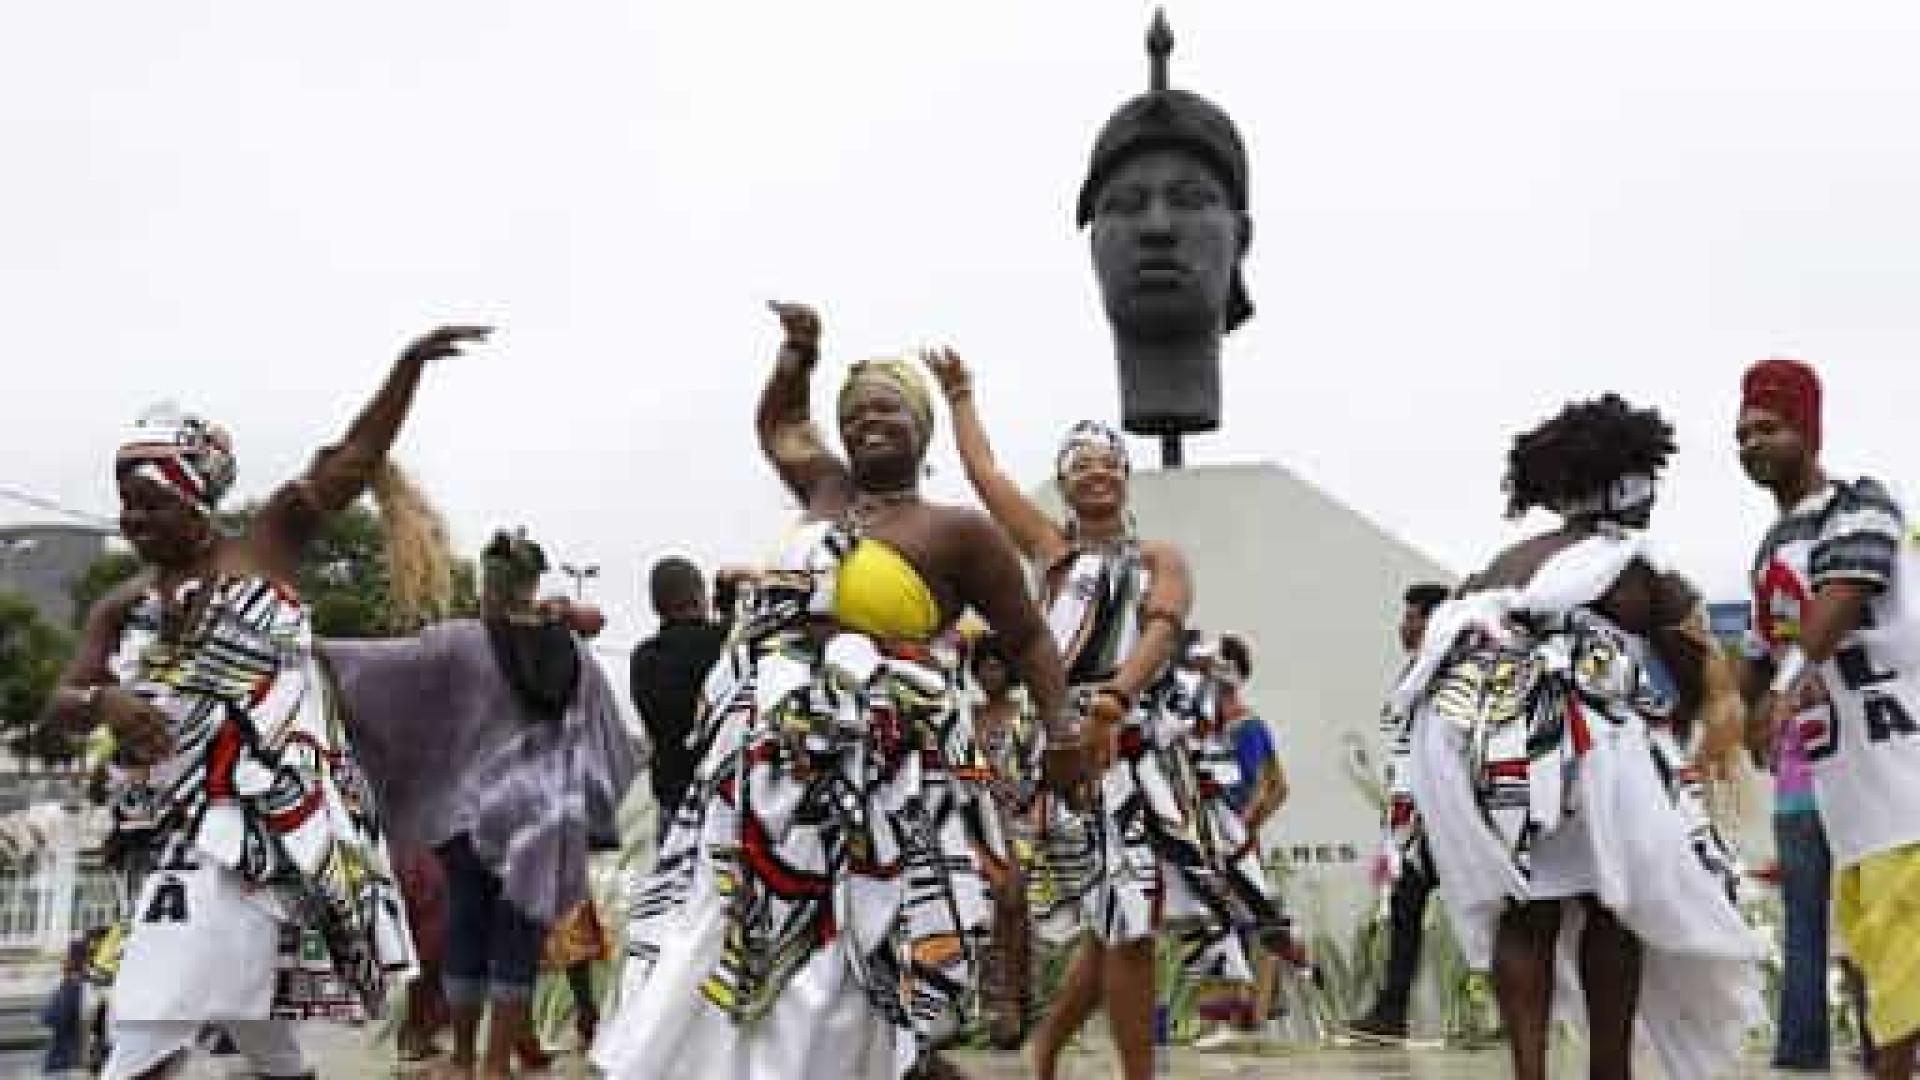 Personalidades negras ignoradas pela história são tema de exposição